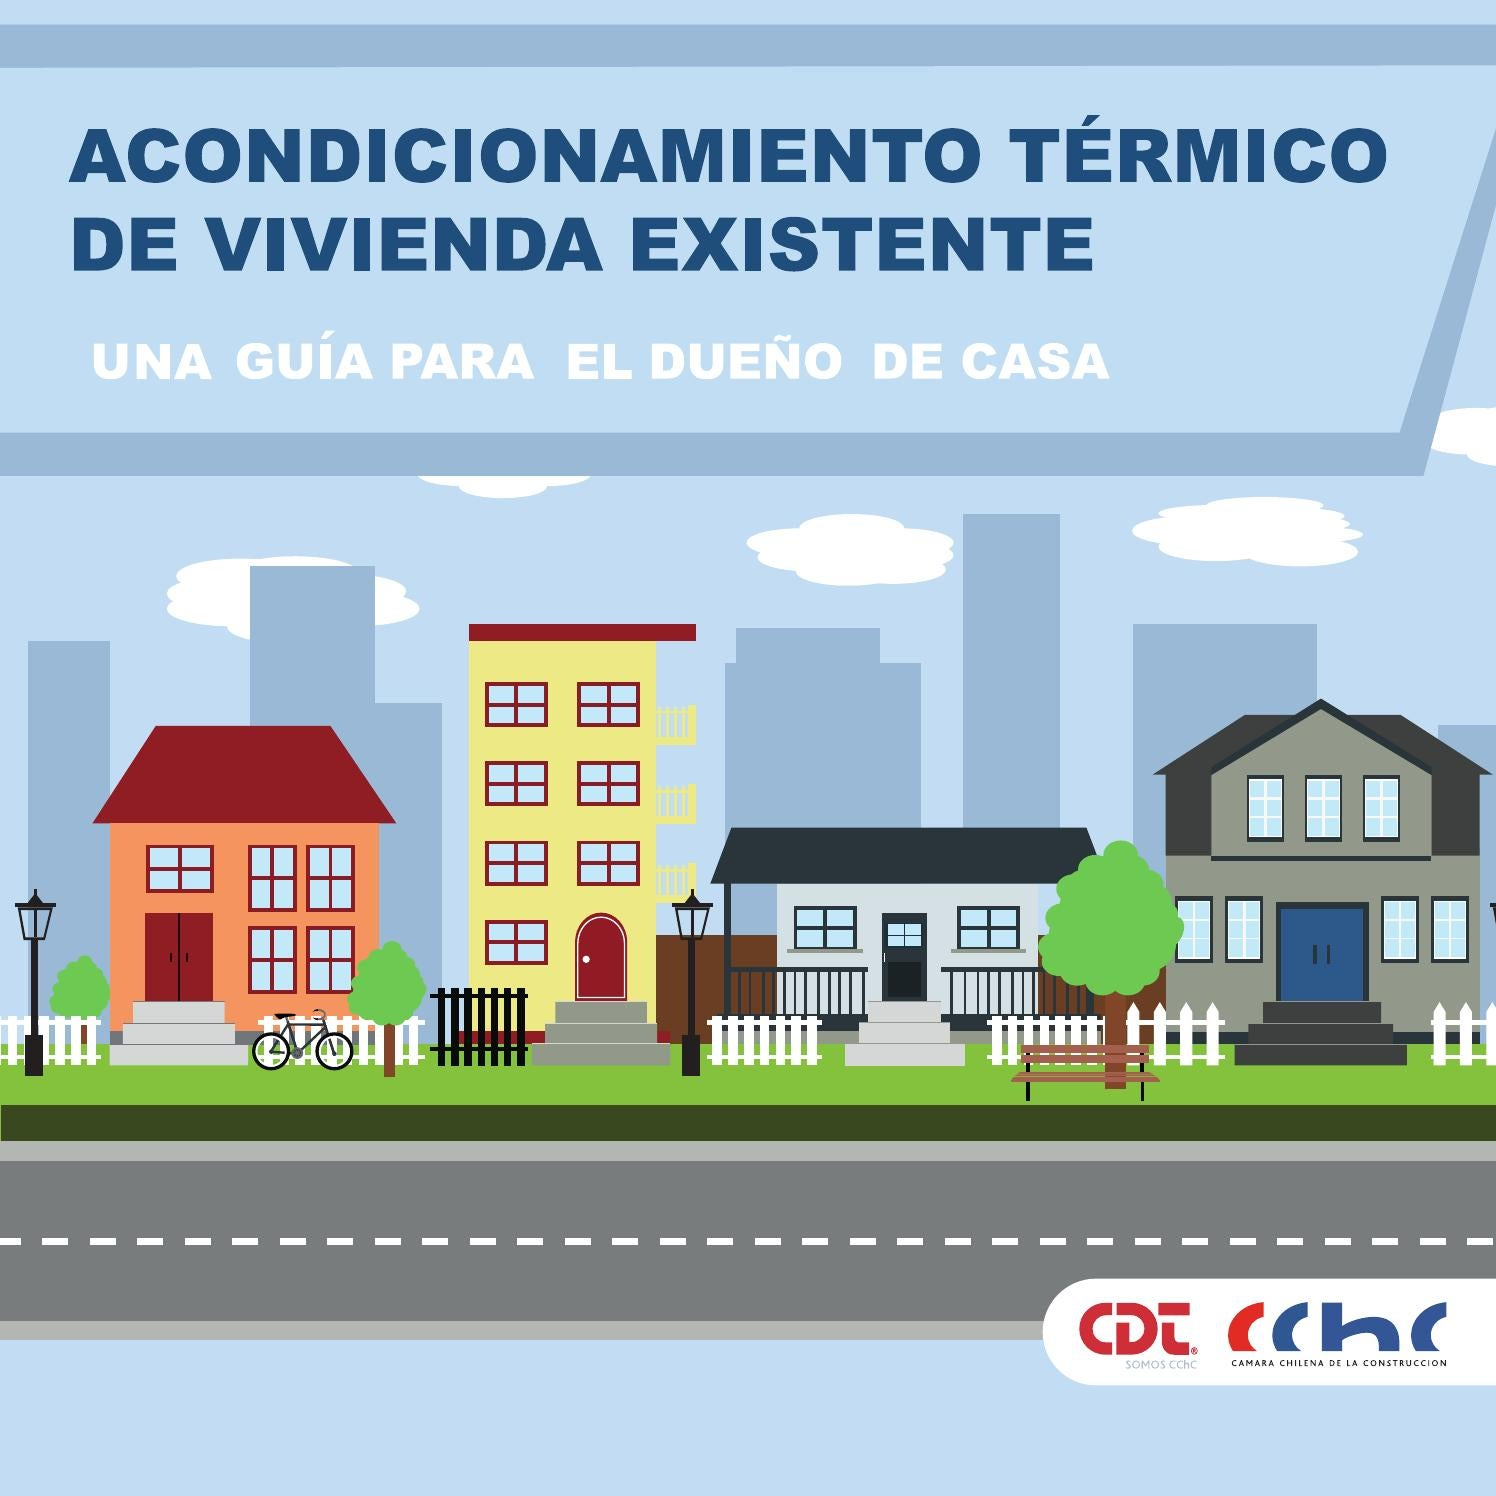 Manual Acondicionamiento Térmico de Vivienda Existente by CChC - issuu